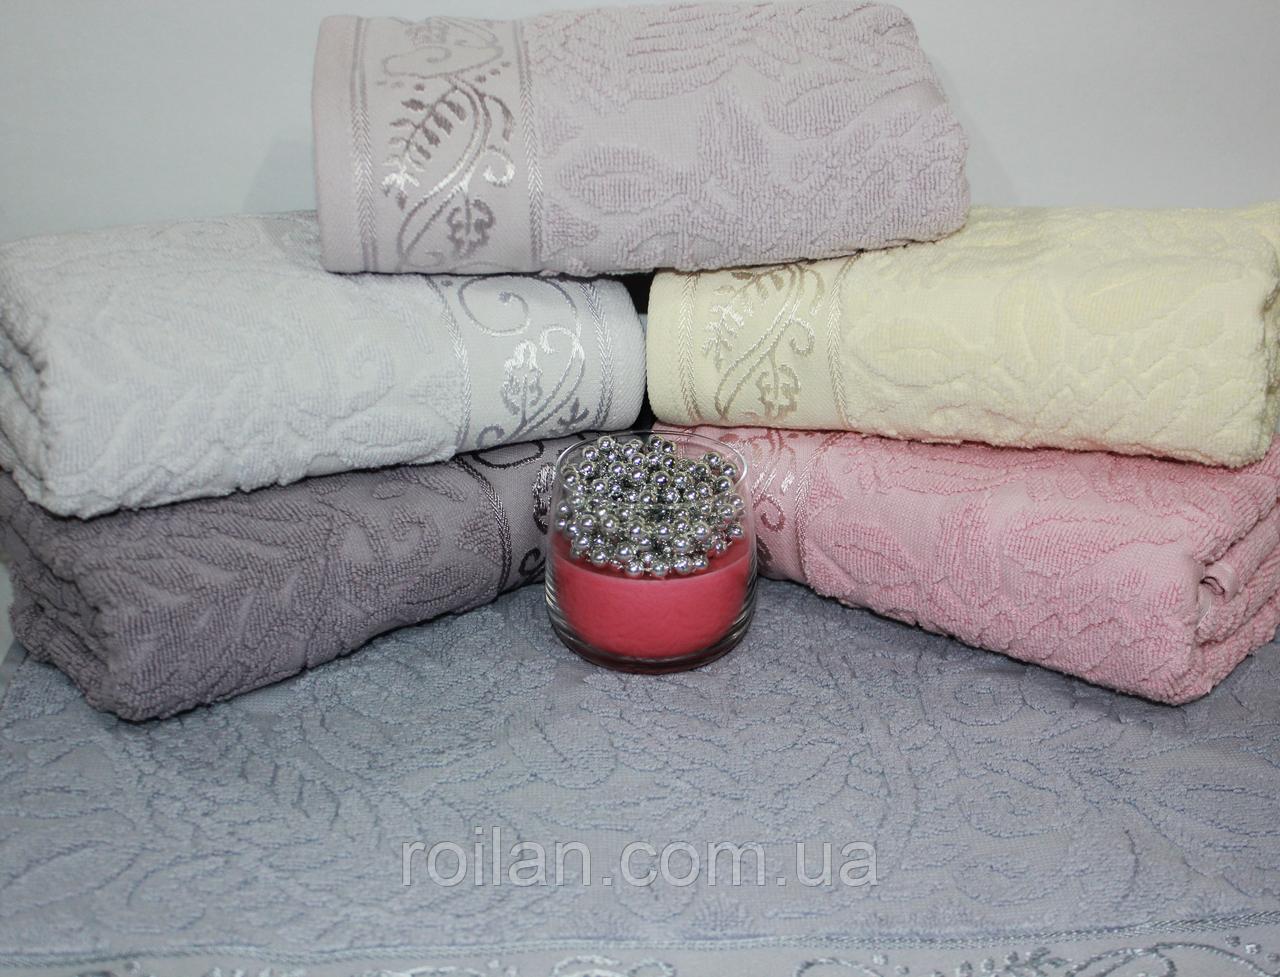 Банные турецкие полотенца Vipp Завиточек